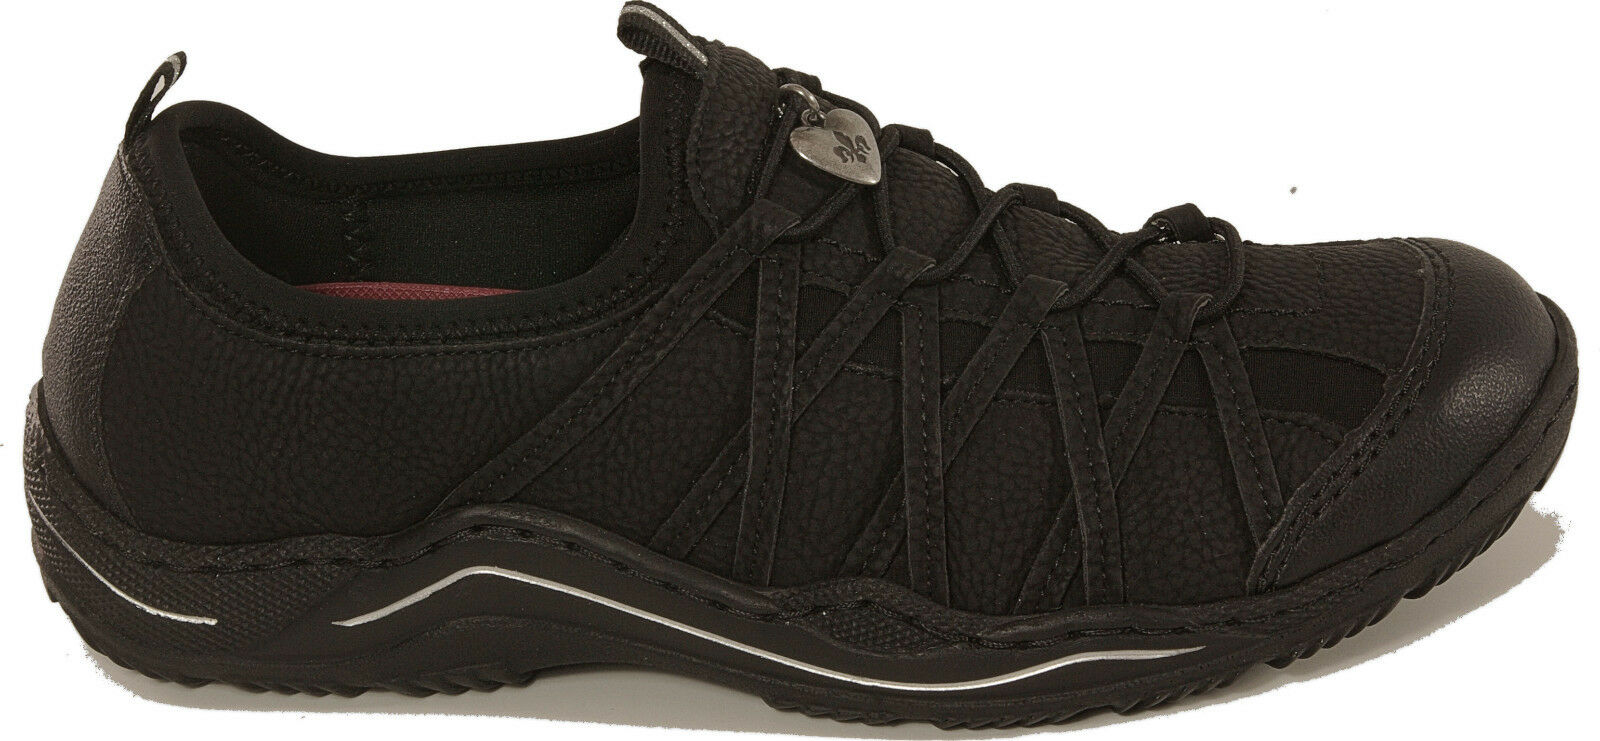 Rieker Scarpe Basse senza Sneaker Nero Cambio Plantare senza Basse Inserto Nuovo 0b808e